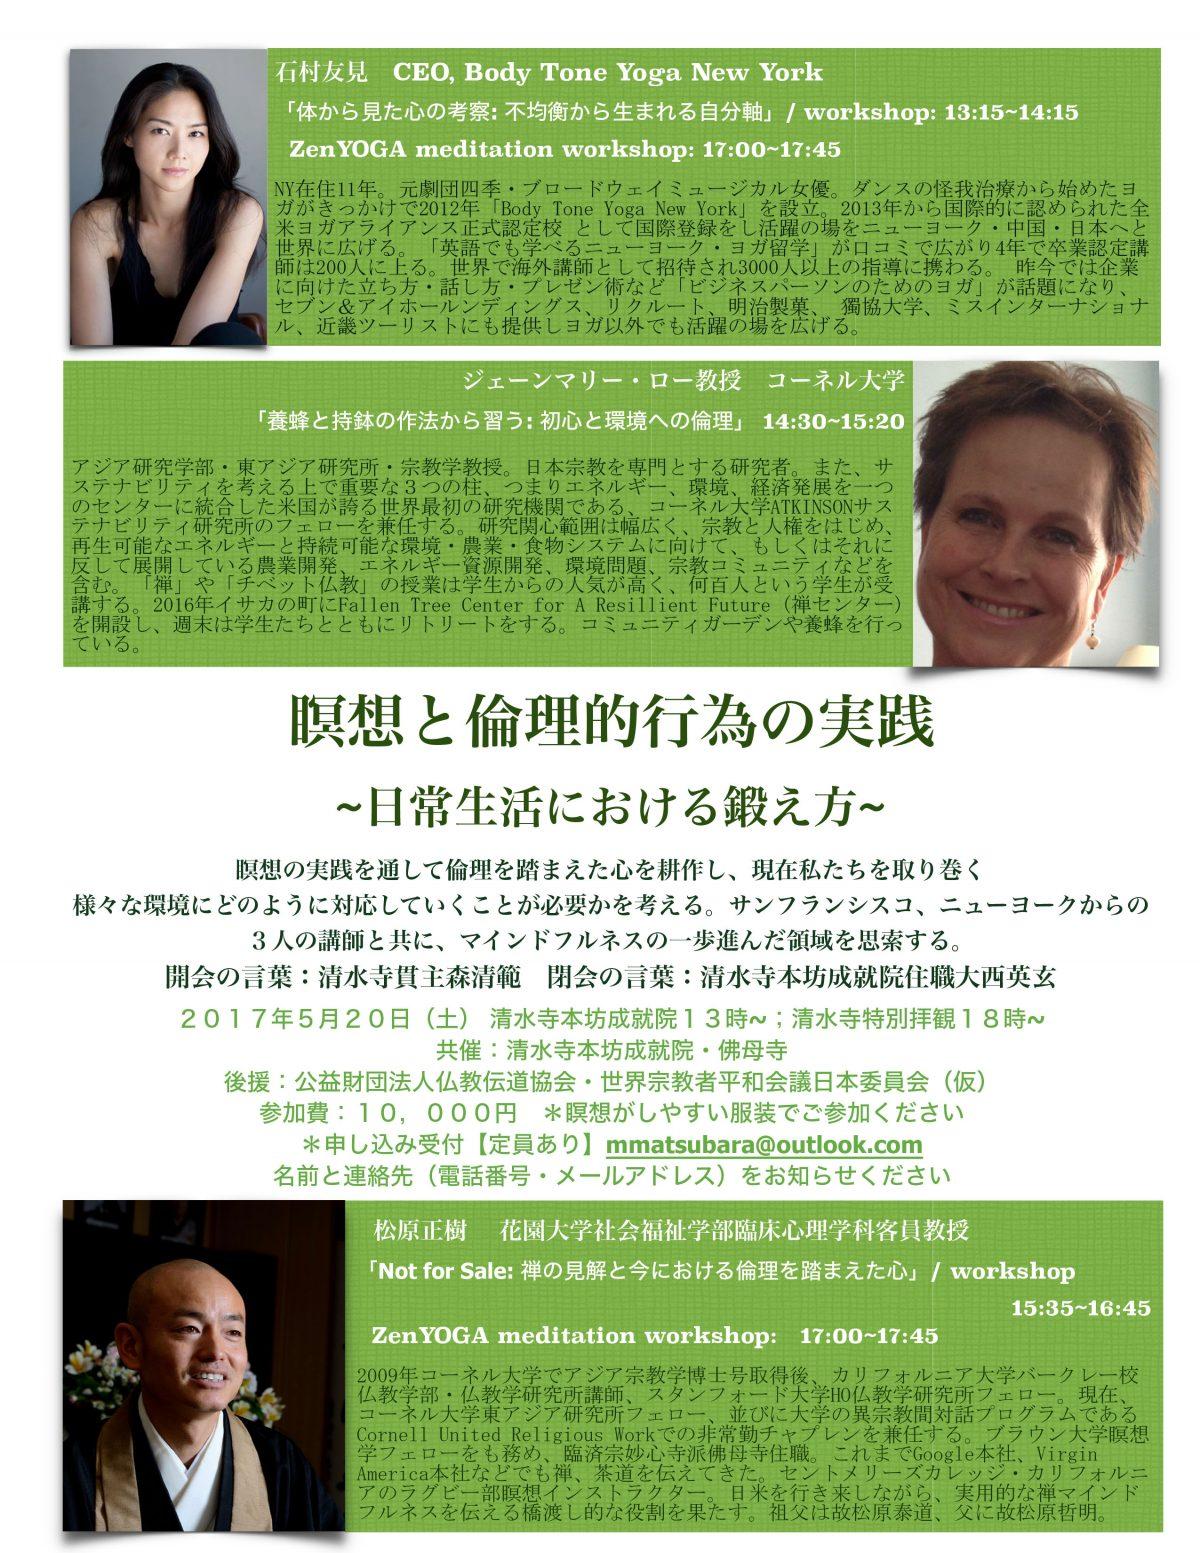 清水寺主催「瞑想と倫理的行為の実践」に登壇しました。